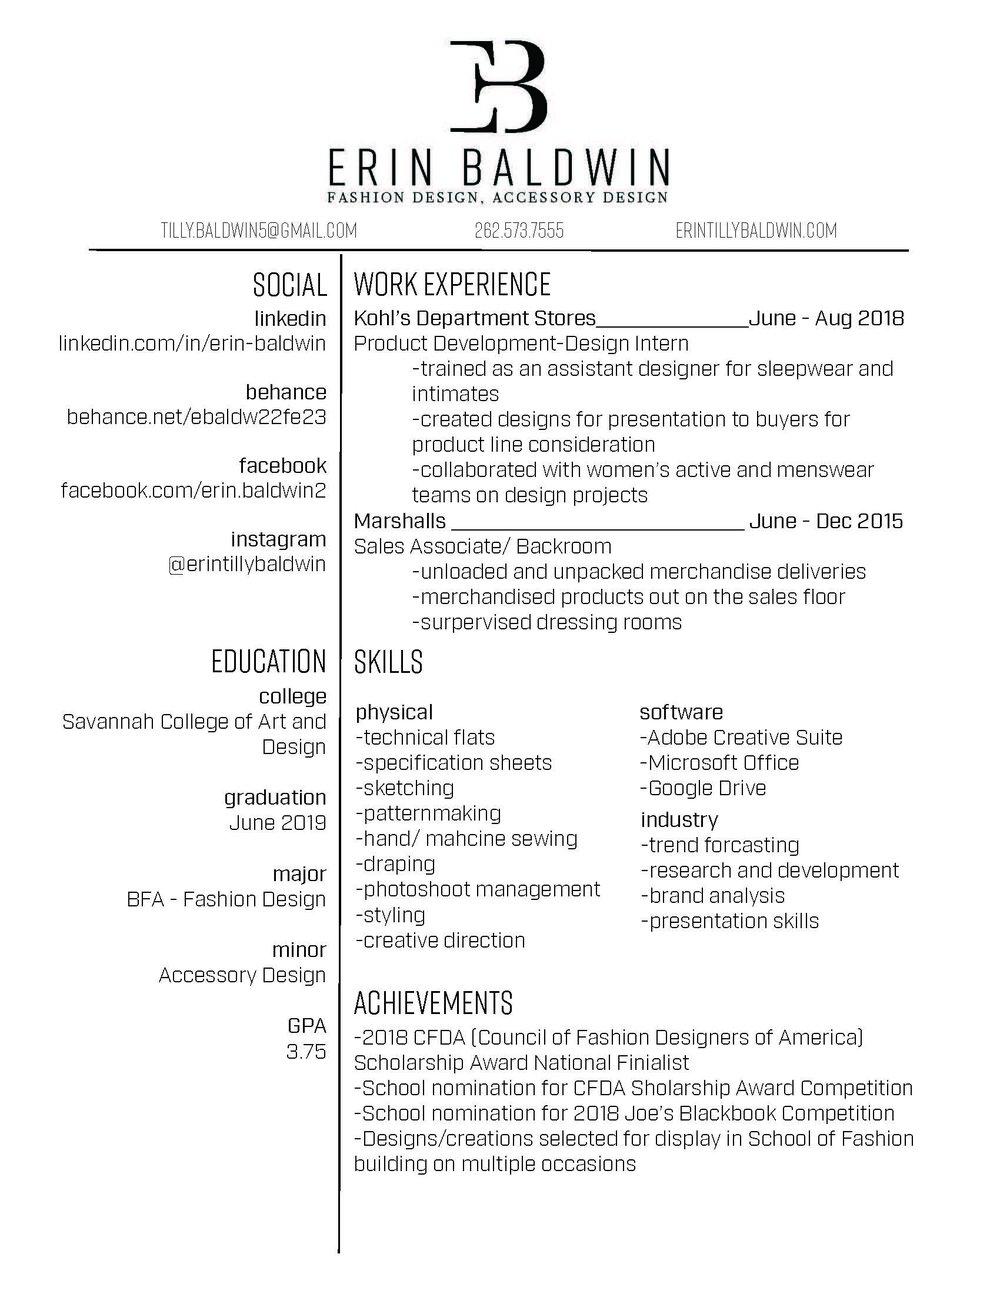 Branding_resume.jpg